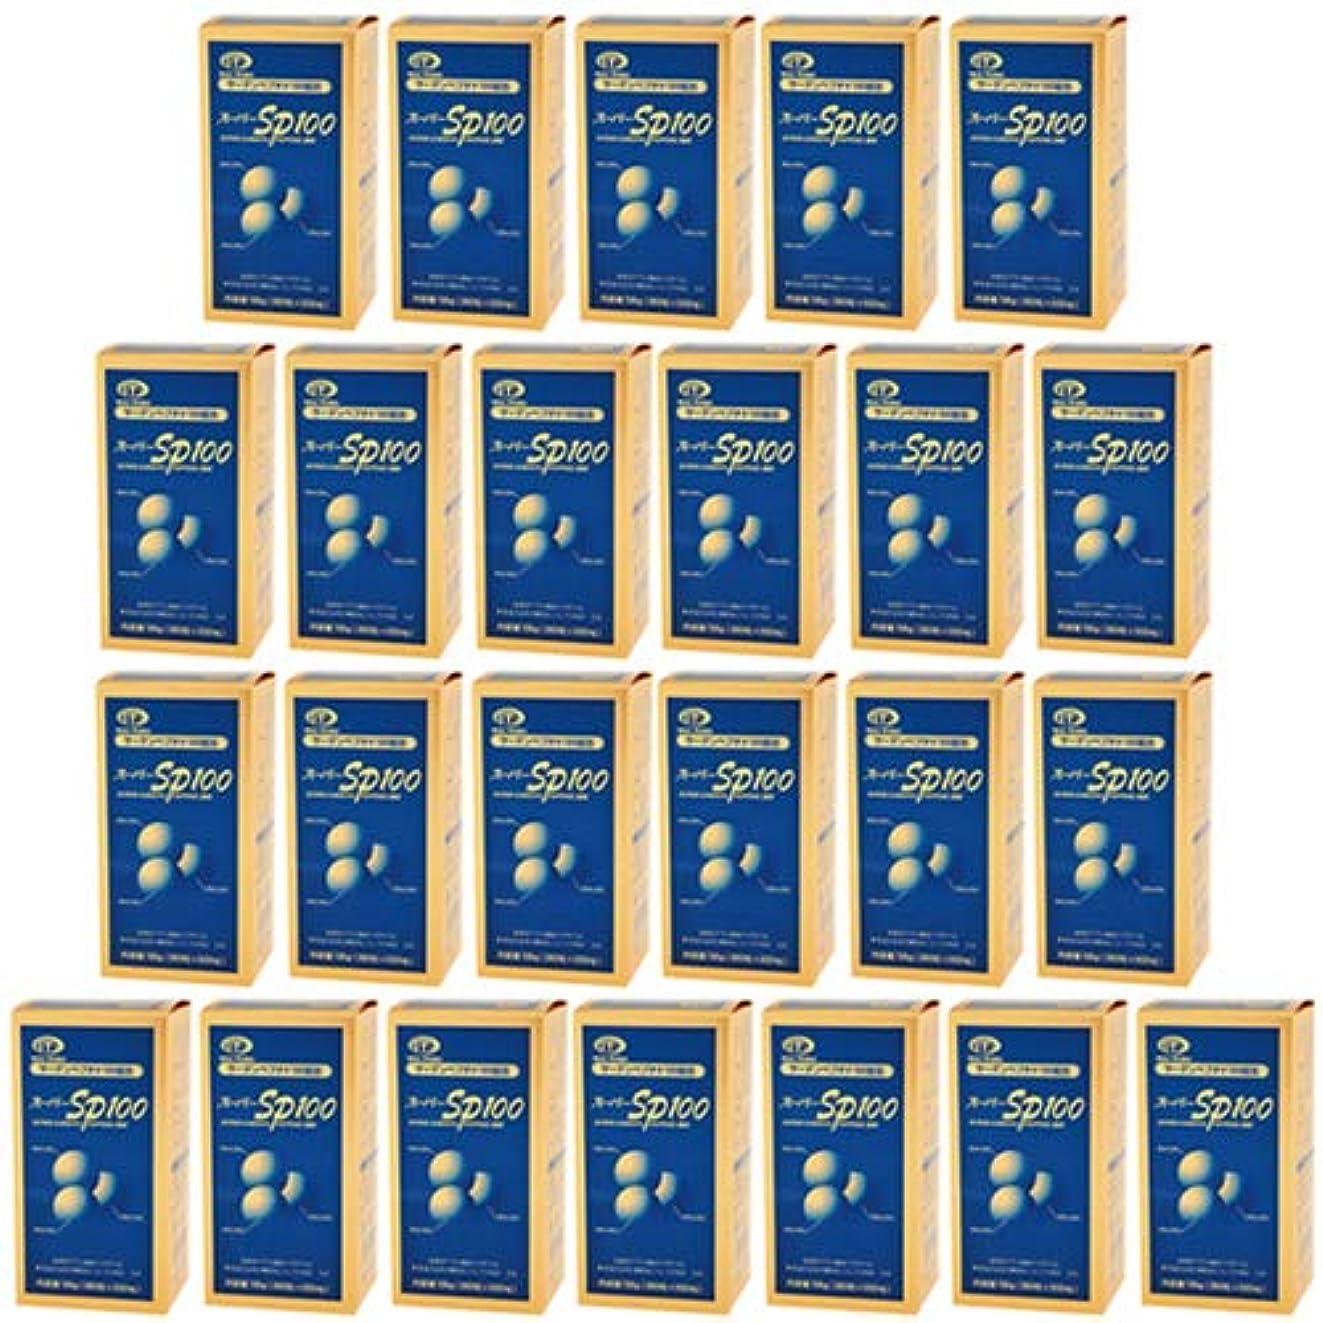 シャーたっぷりサスペンションスーパーSP100(イワシペプチド)(360粒) 24箱